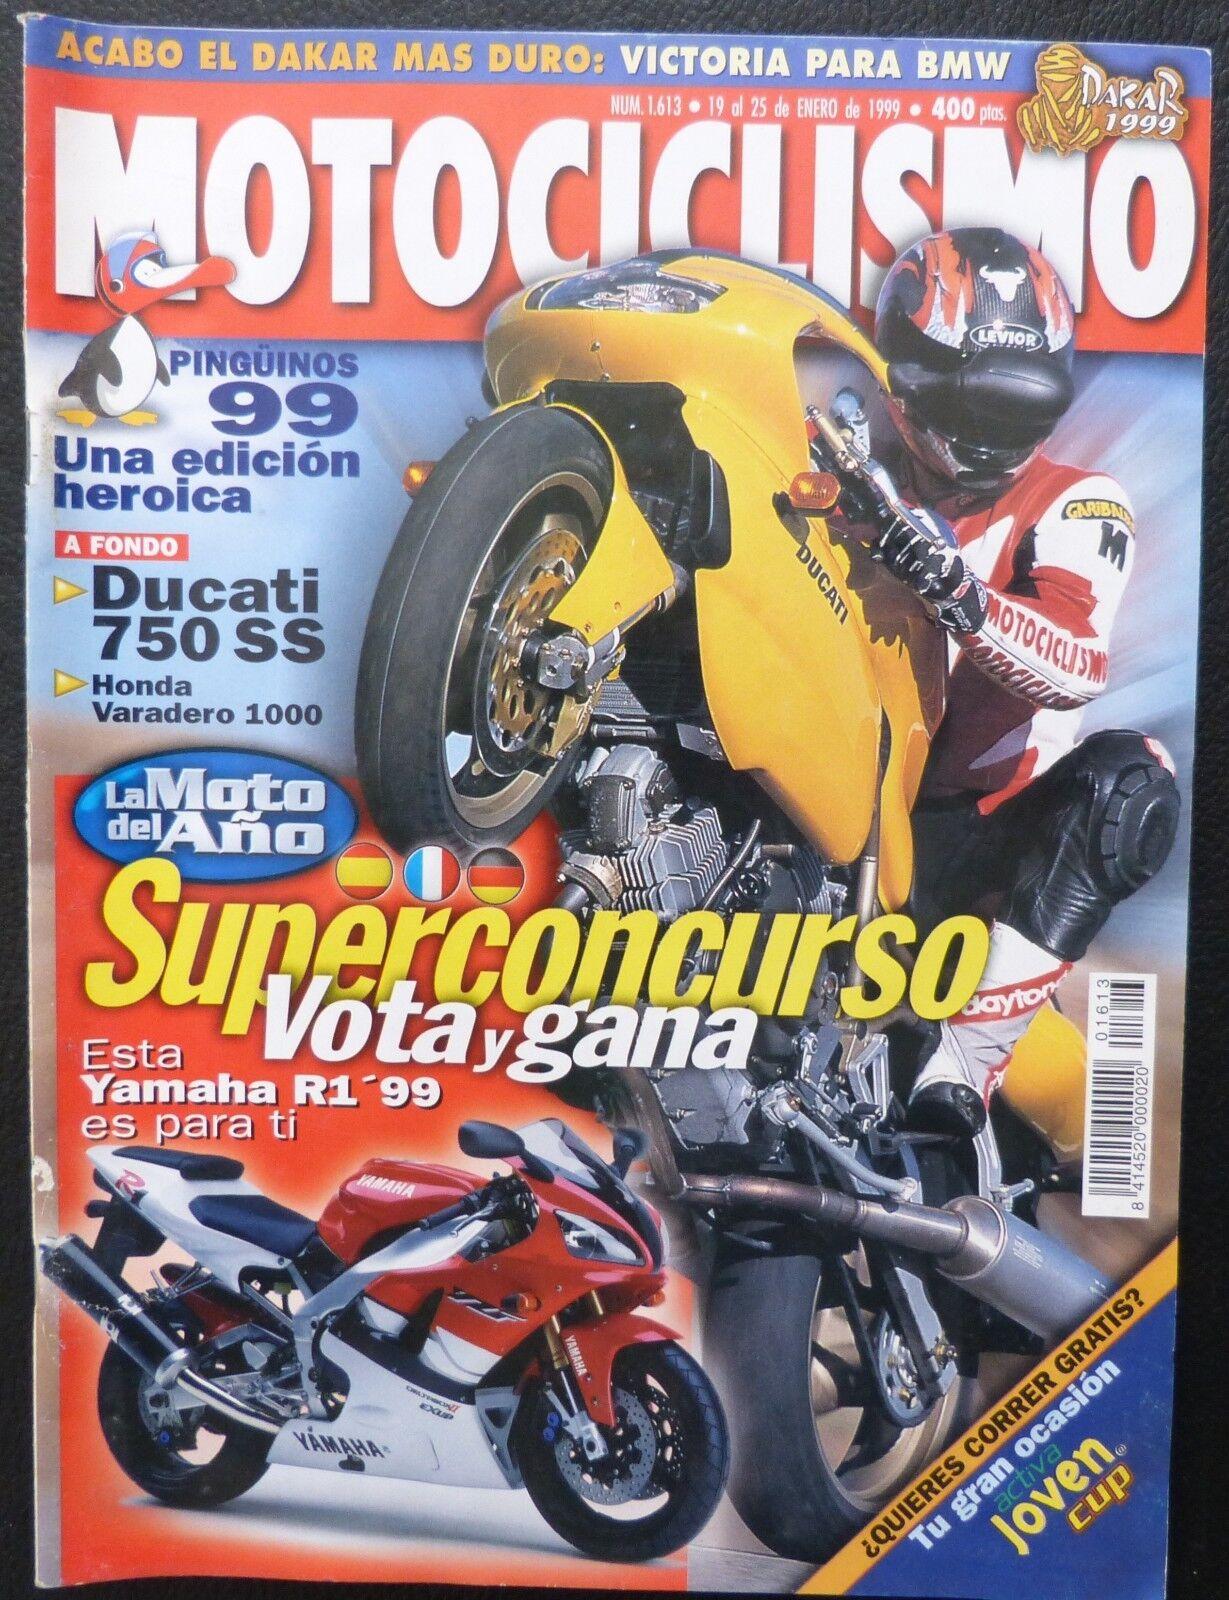 REVISTA MOTOCICLISMO,AÑO 1999,NUMERO 1613, La moto del año